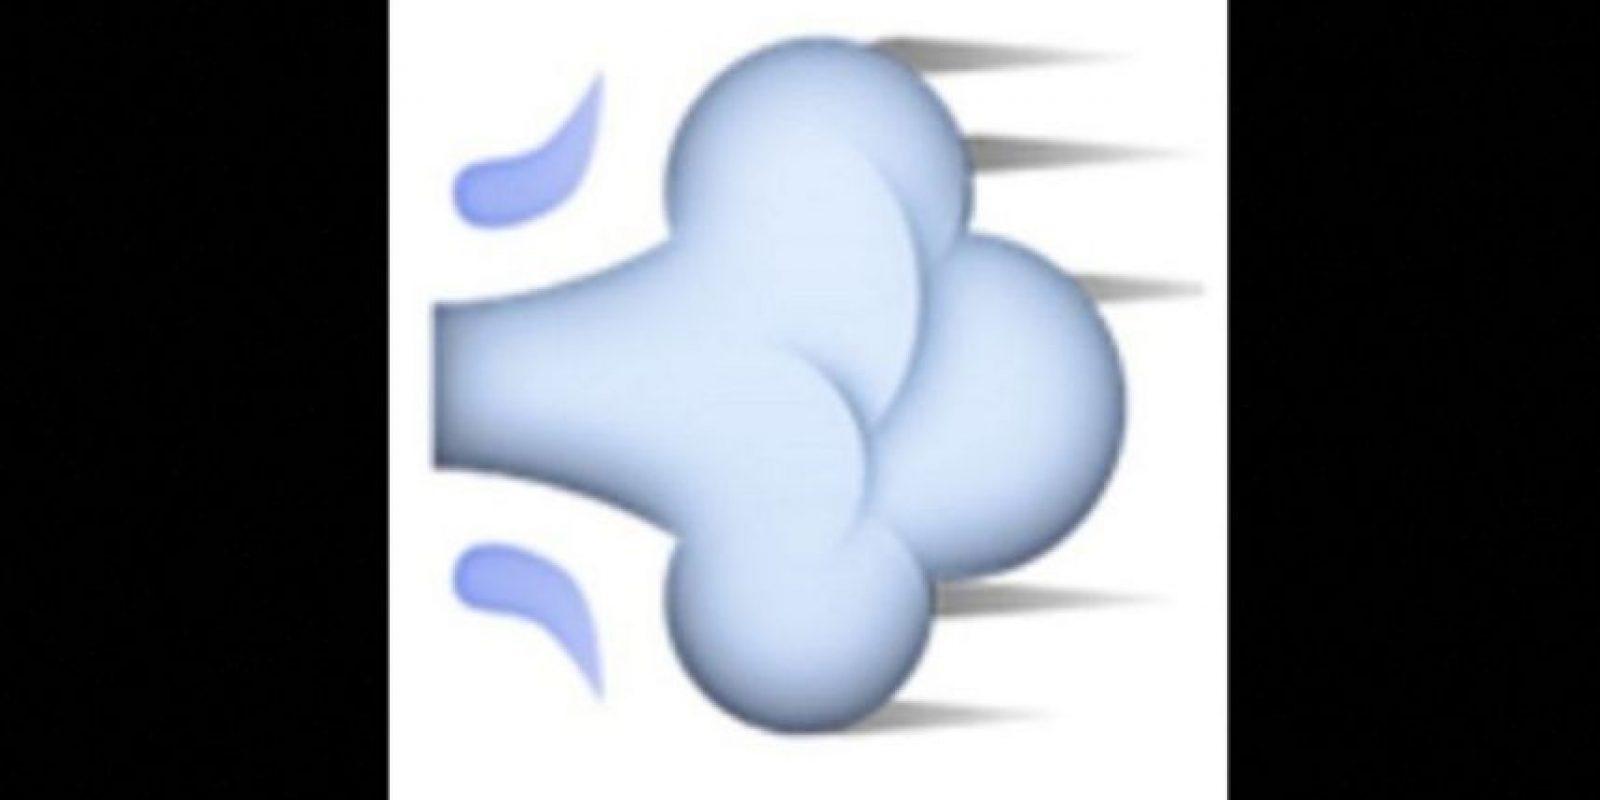 4. Usado para representar flatulencias, en realidad es una ráfaga de aire que representa el movimiento rápido de una persona o un objeto. Foto:vía emojipedia.org. Imagen Por: